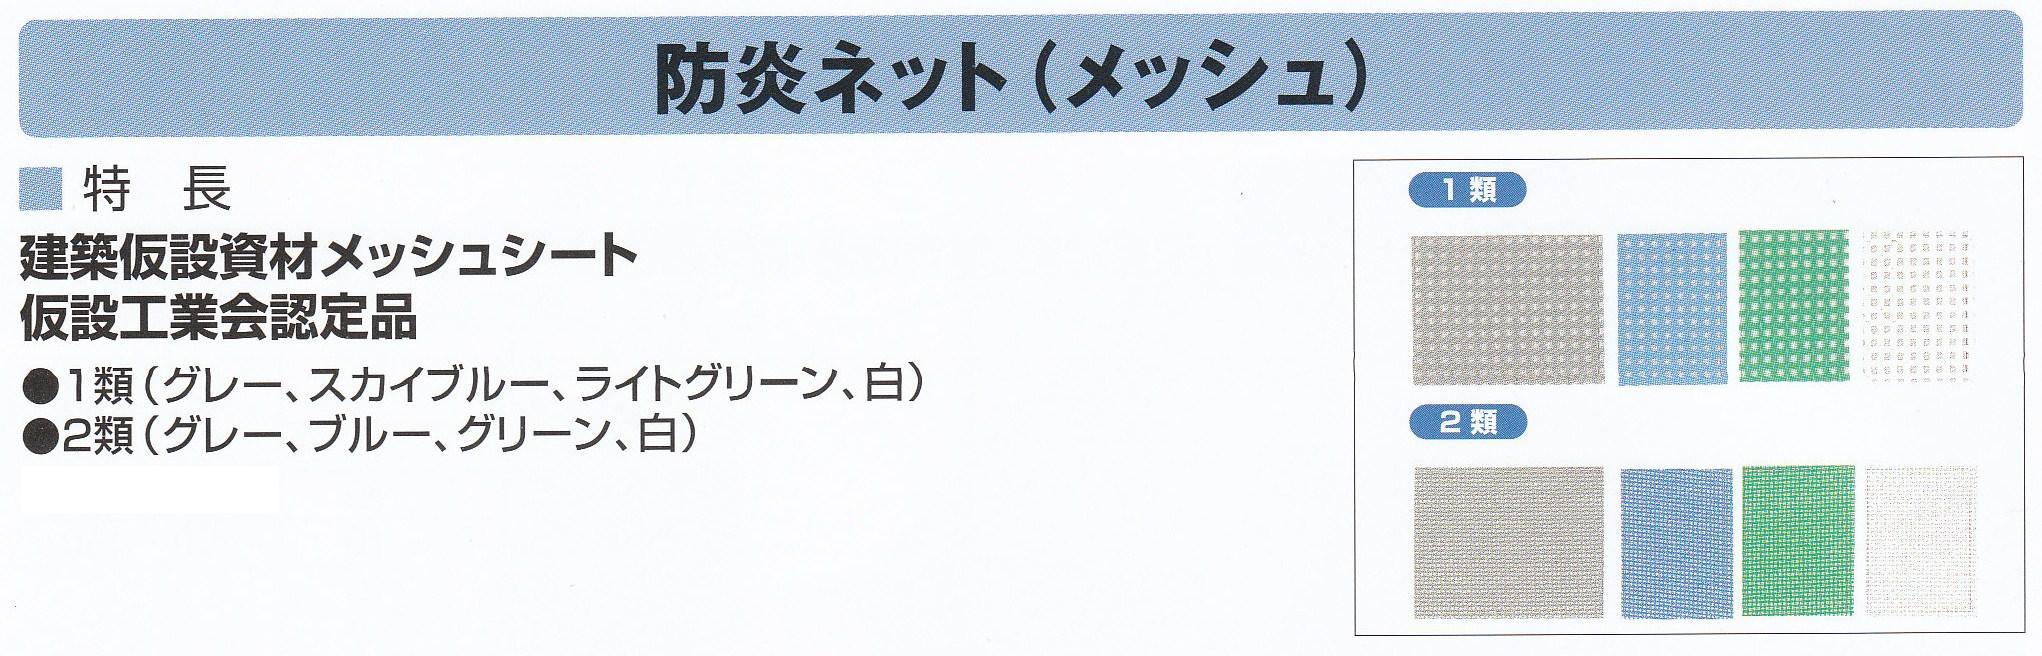 防災ネット(メッシュ 輸入品) 送料無料!(1.8m×3.6m 75枚/セット)